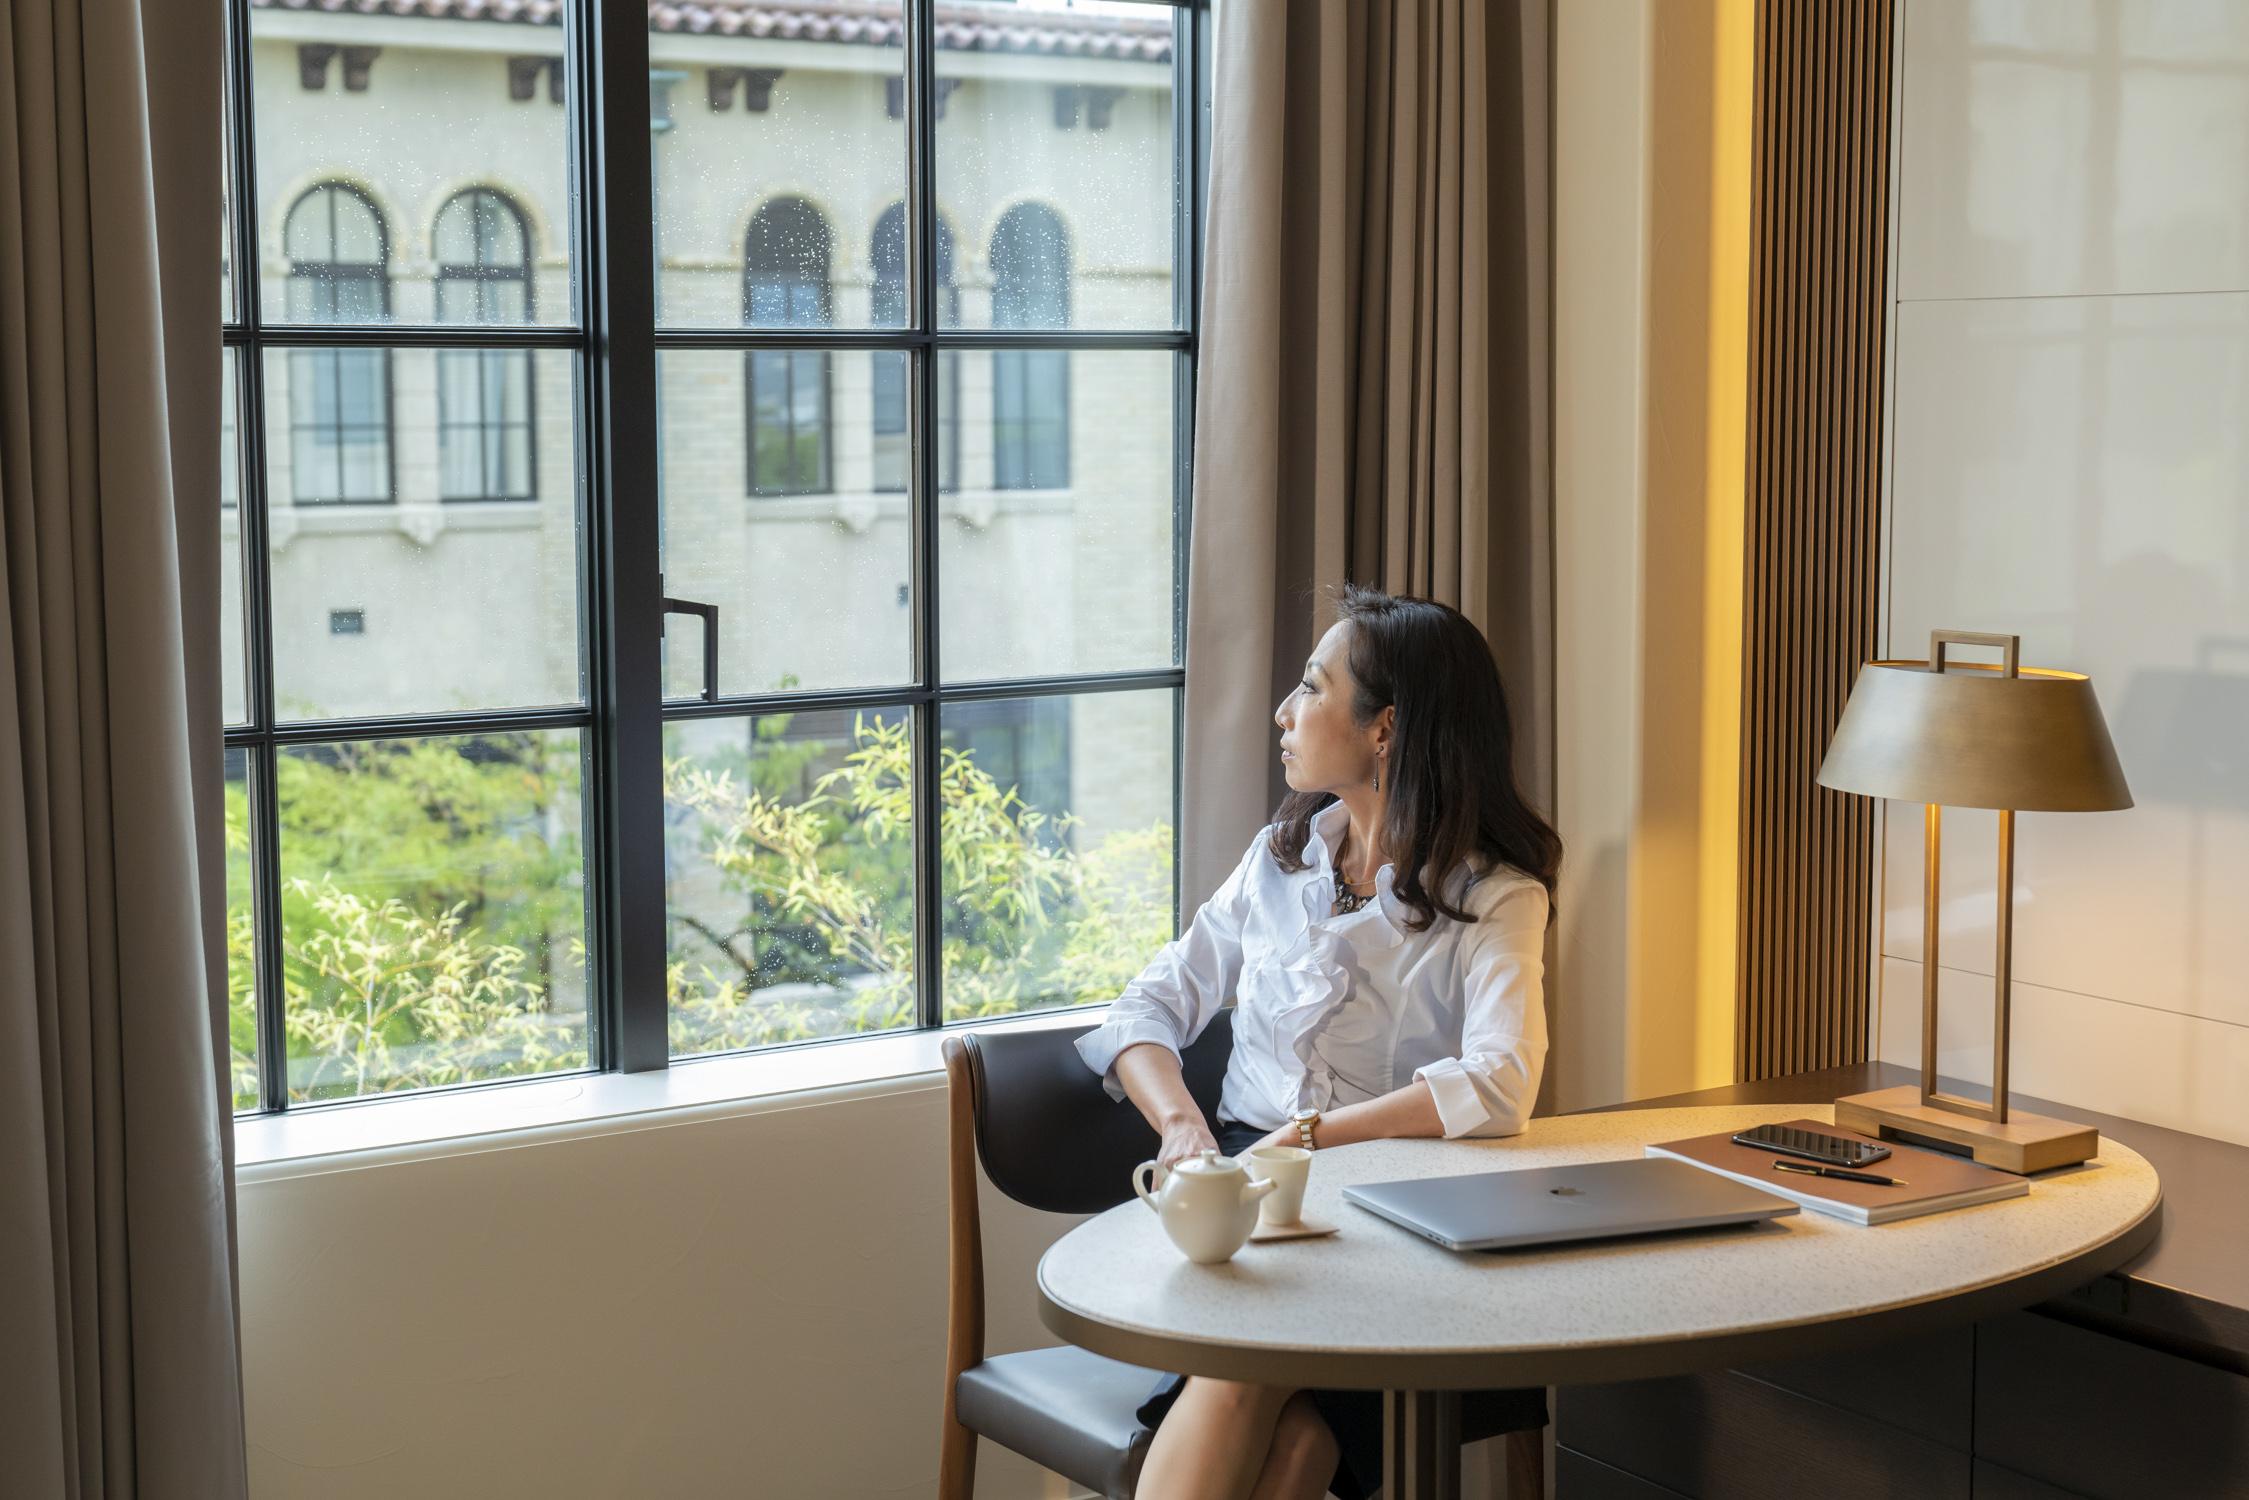 【ザ・ホテル青龍 京都清水】近場で手軽に非日常をたのしむ旅を提案  祇園や鴨川、清水寺に囲まれた京都 東山でステイケーション